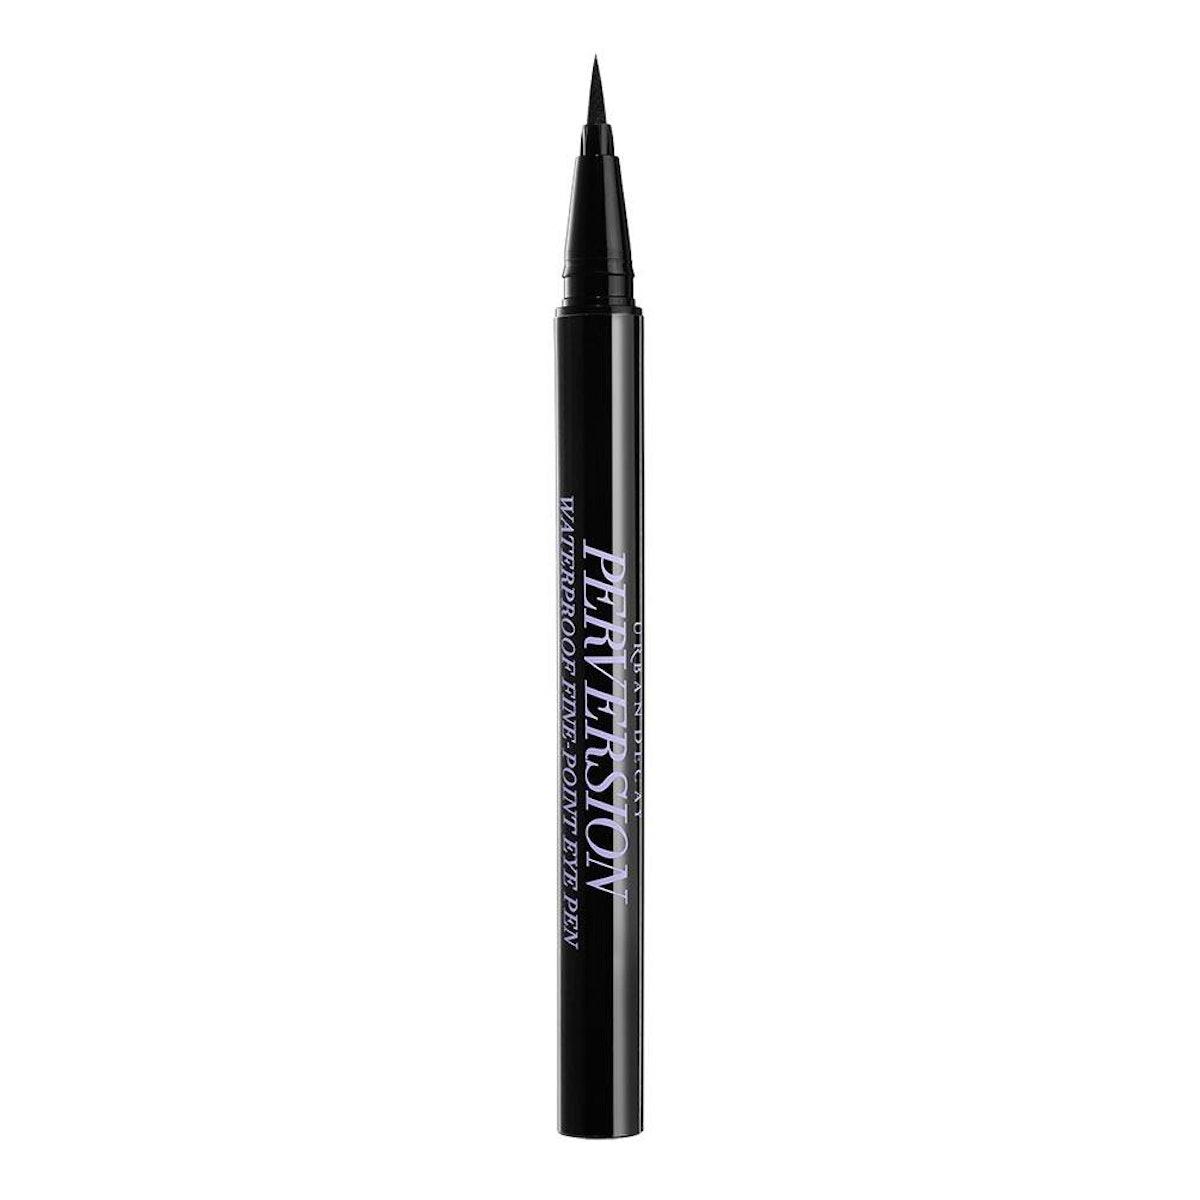 Perversion Waterproof Fine-Point Eye Pen